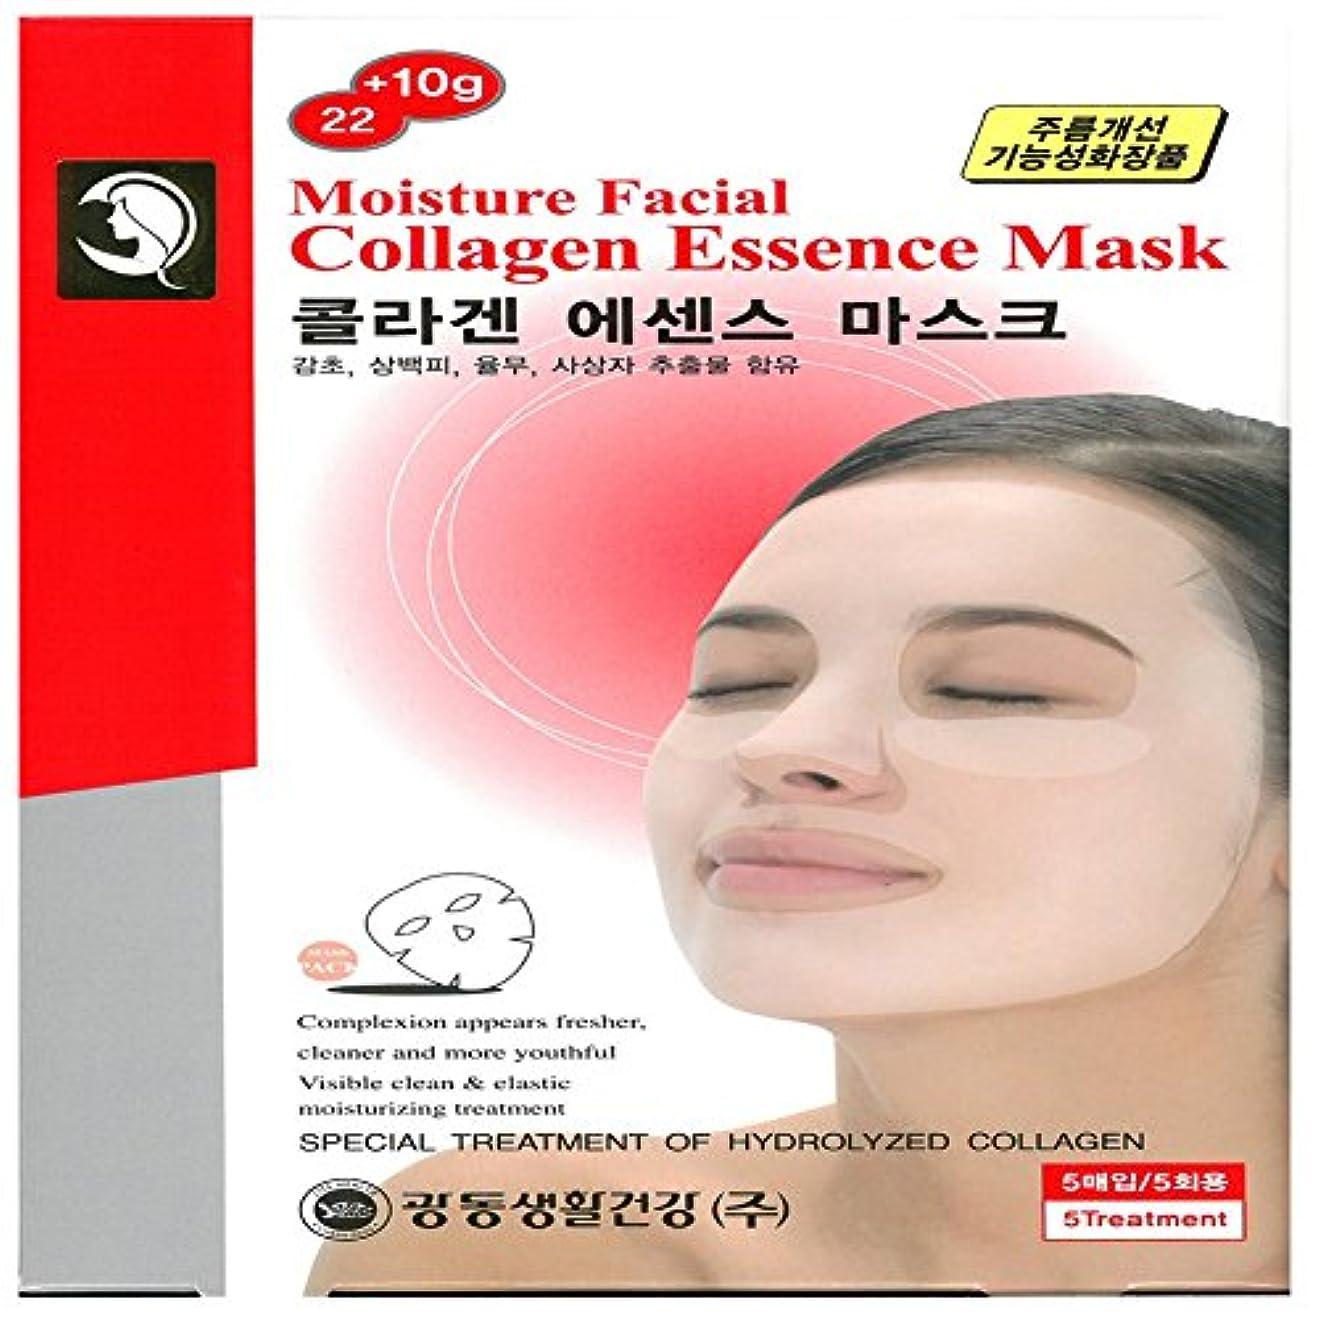 ピア胚芽参加する[光東] kwangdong モイスチャーフェイシャルコラーゲンエッセンスマスク Moisture Facial Collagen Essence Mask 32gX5ea (海外直送品) [並行輸入品]